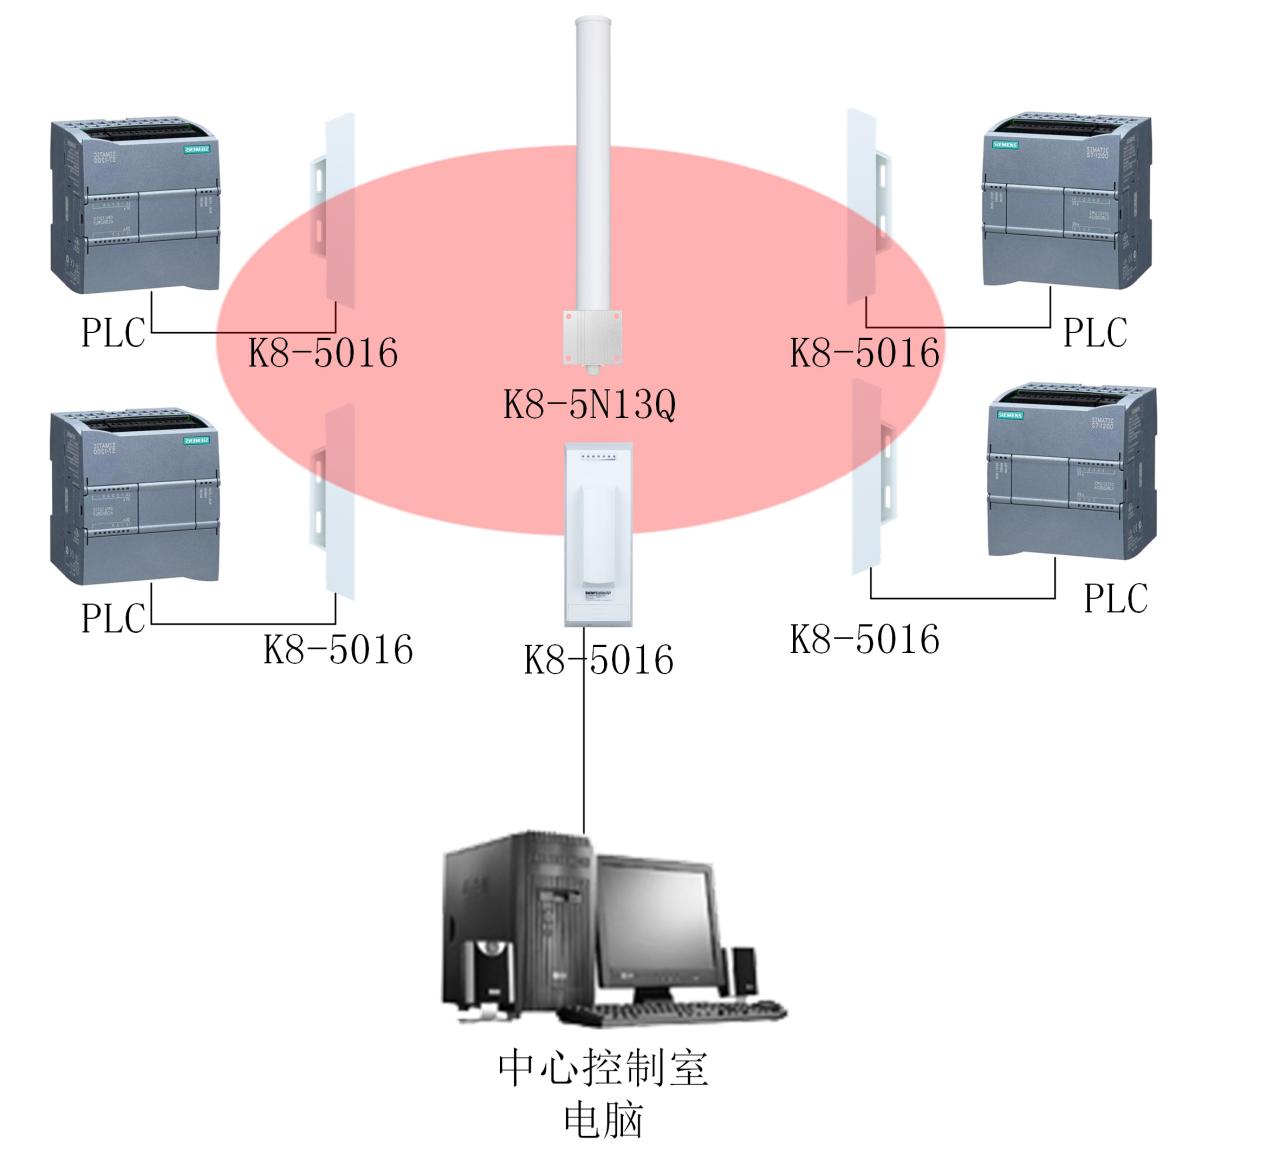 车间设备数据无线传输方案 无线网桥 无线监控 无线AP 无线传输 无线视频监控方案 深圳盟贝特志成网络技术有限公司